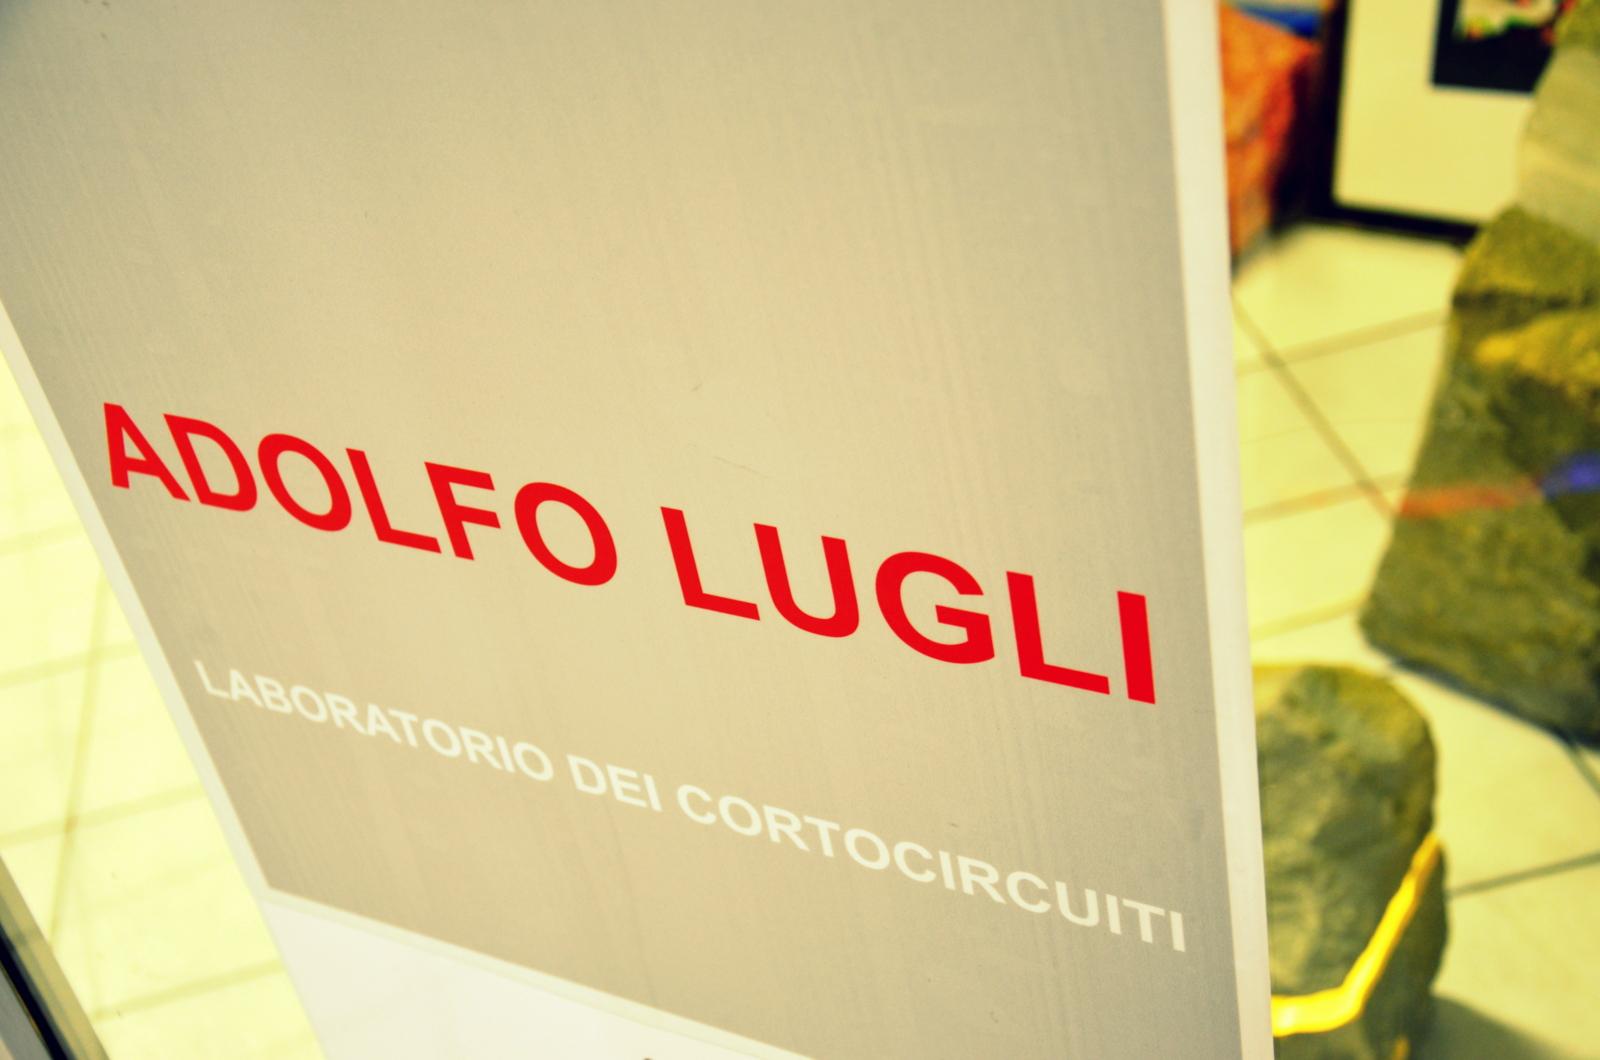 CORTOCIRCUITI E LD (12)